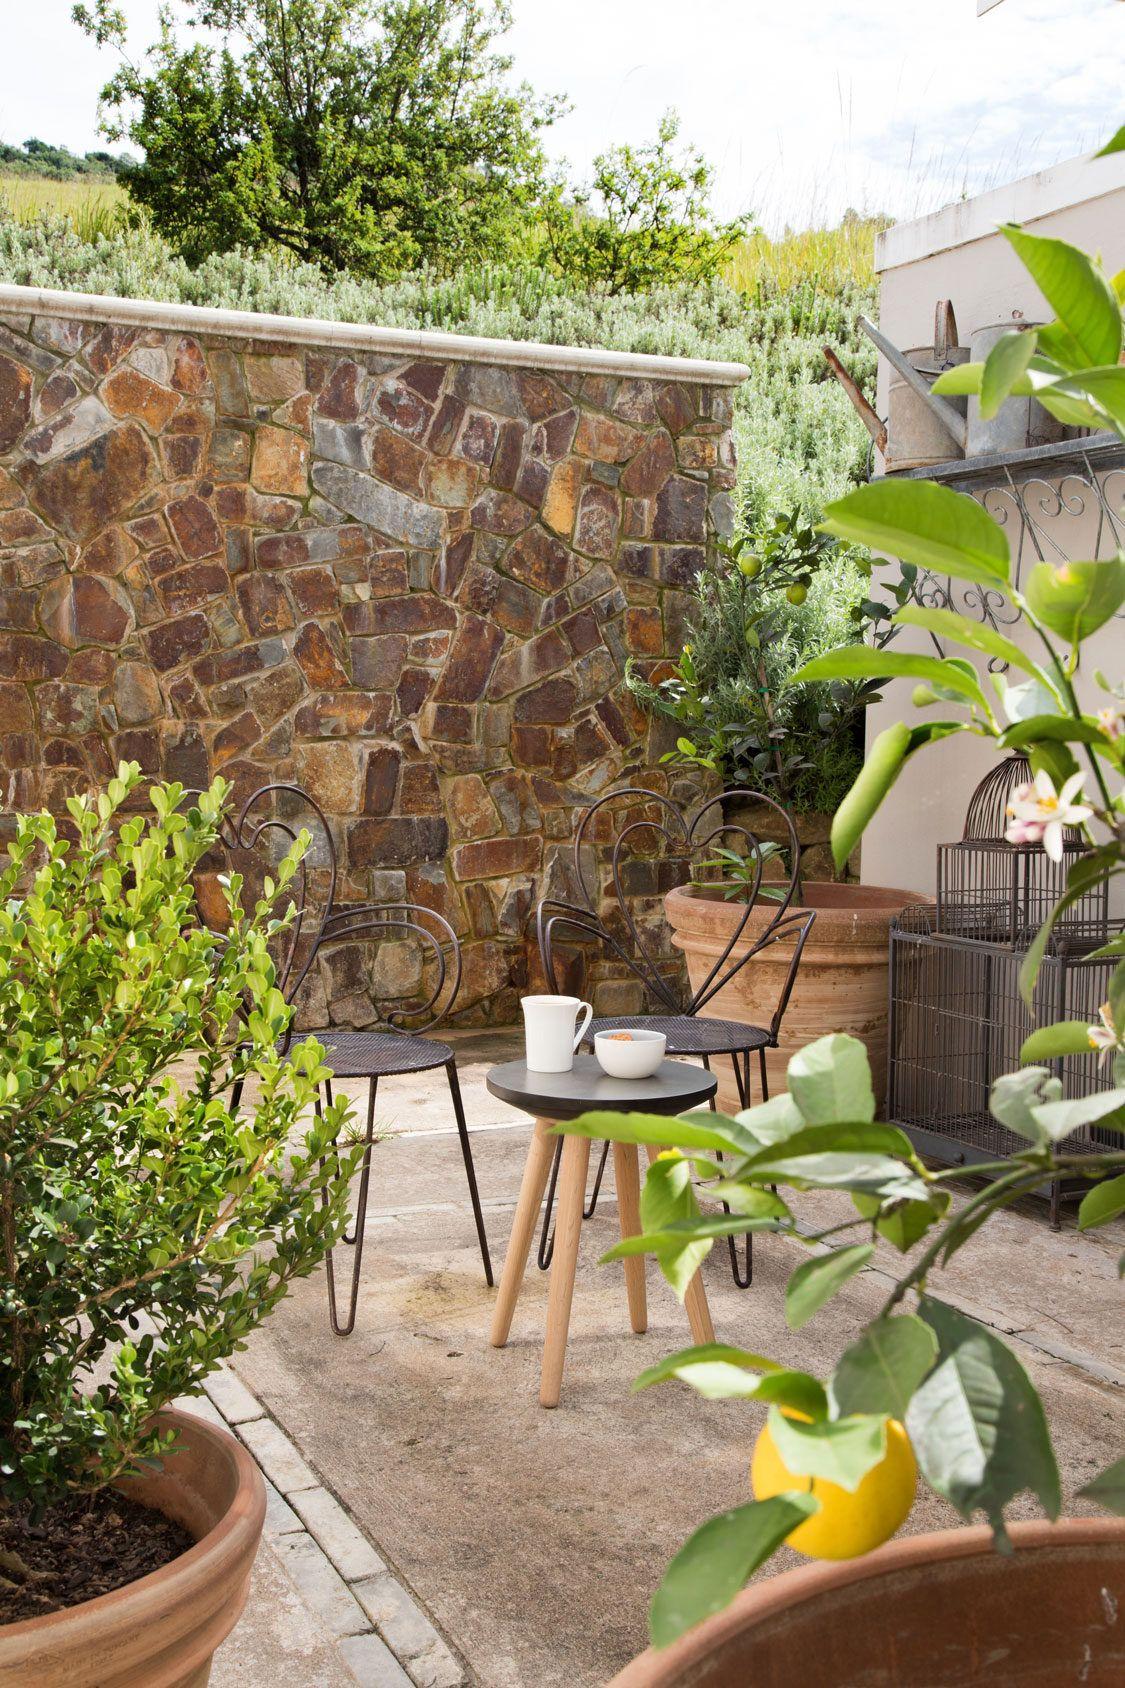 Homes | Garden Ideas | Pinterest | Outdoor spaces, Porch and Patios